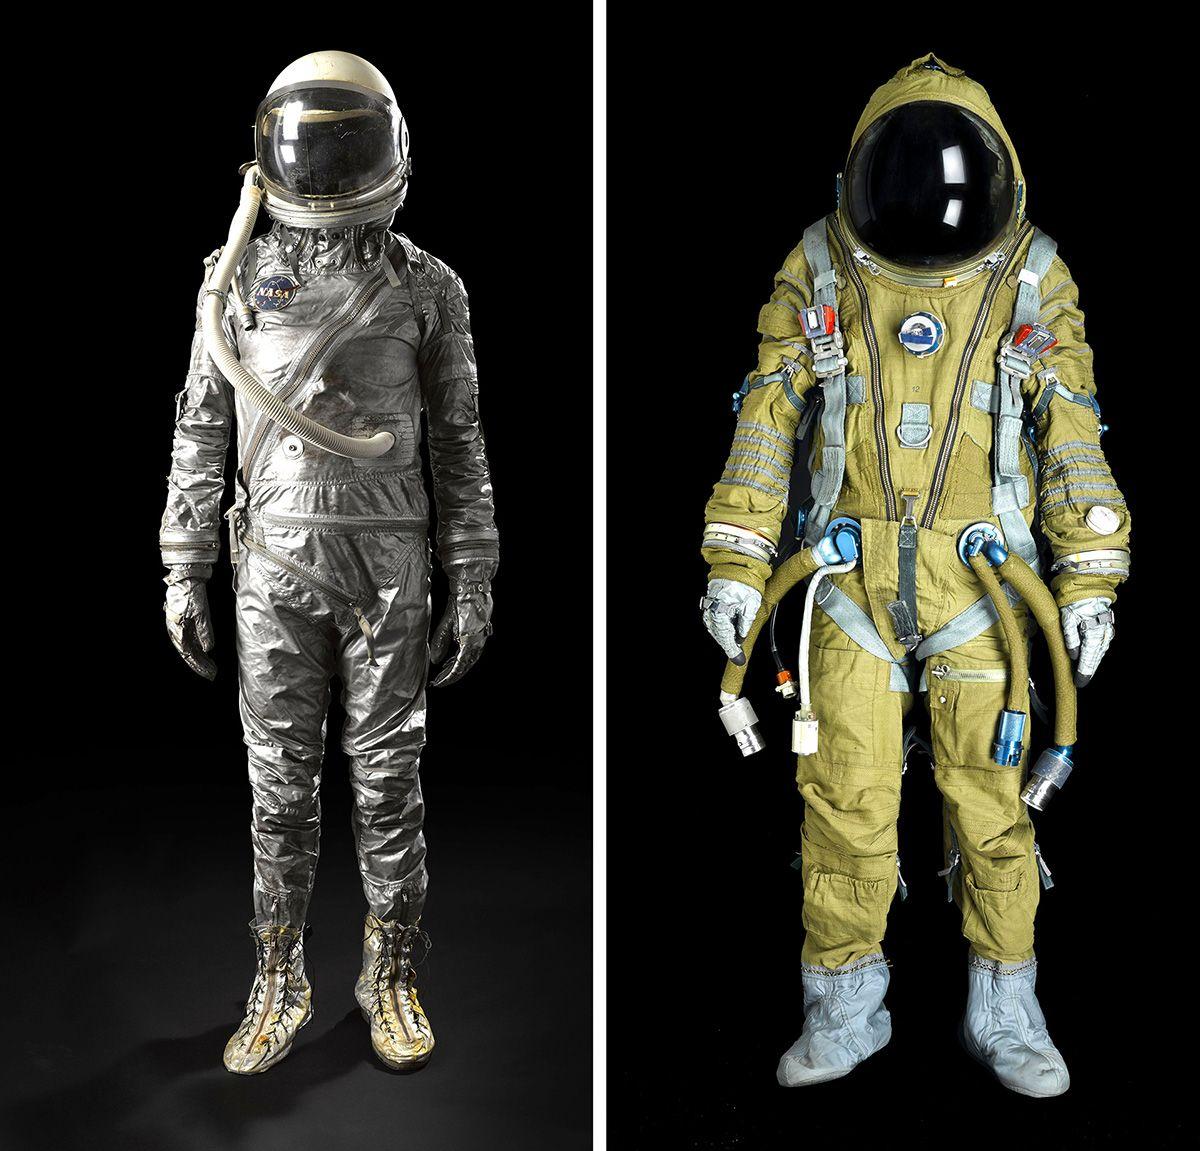 retro astronaut costume - 736×706